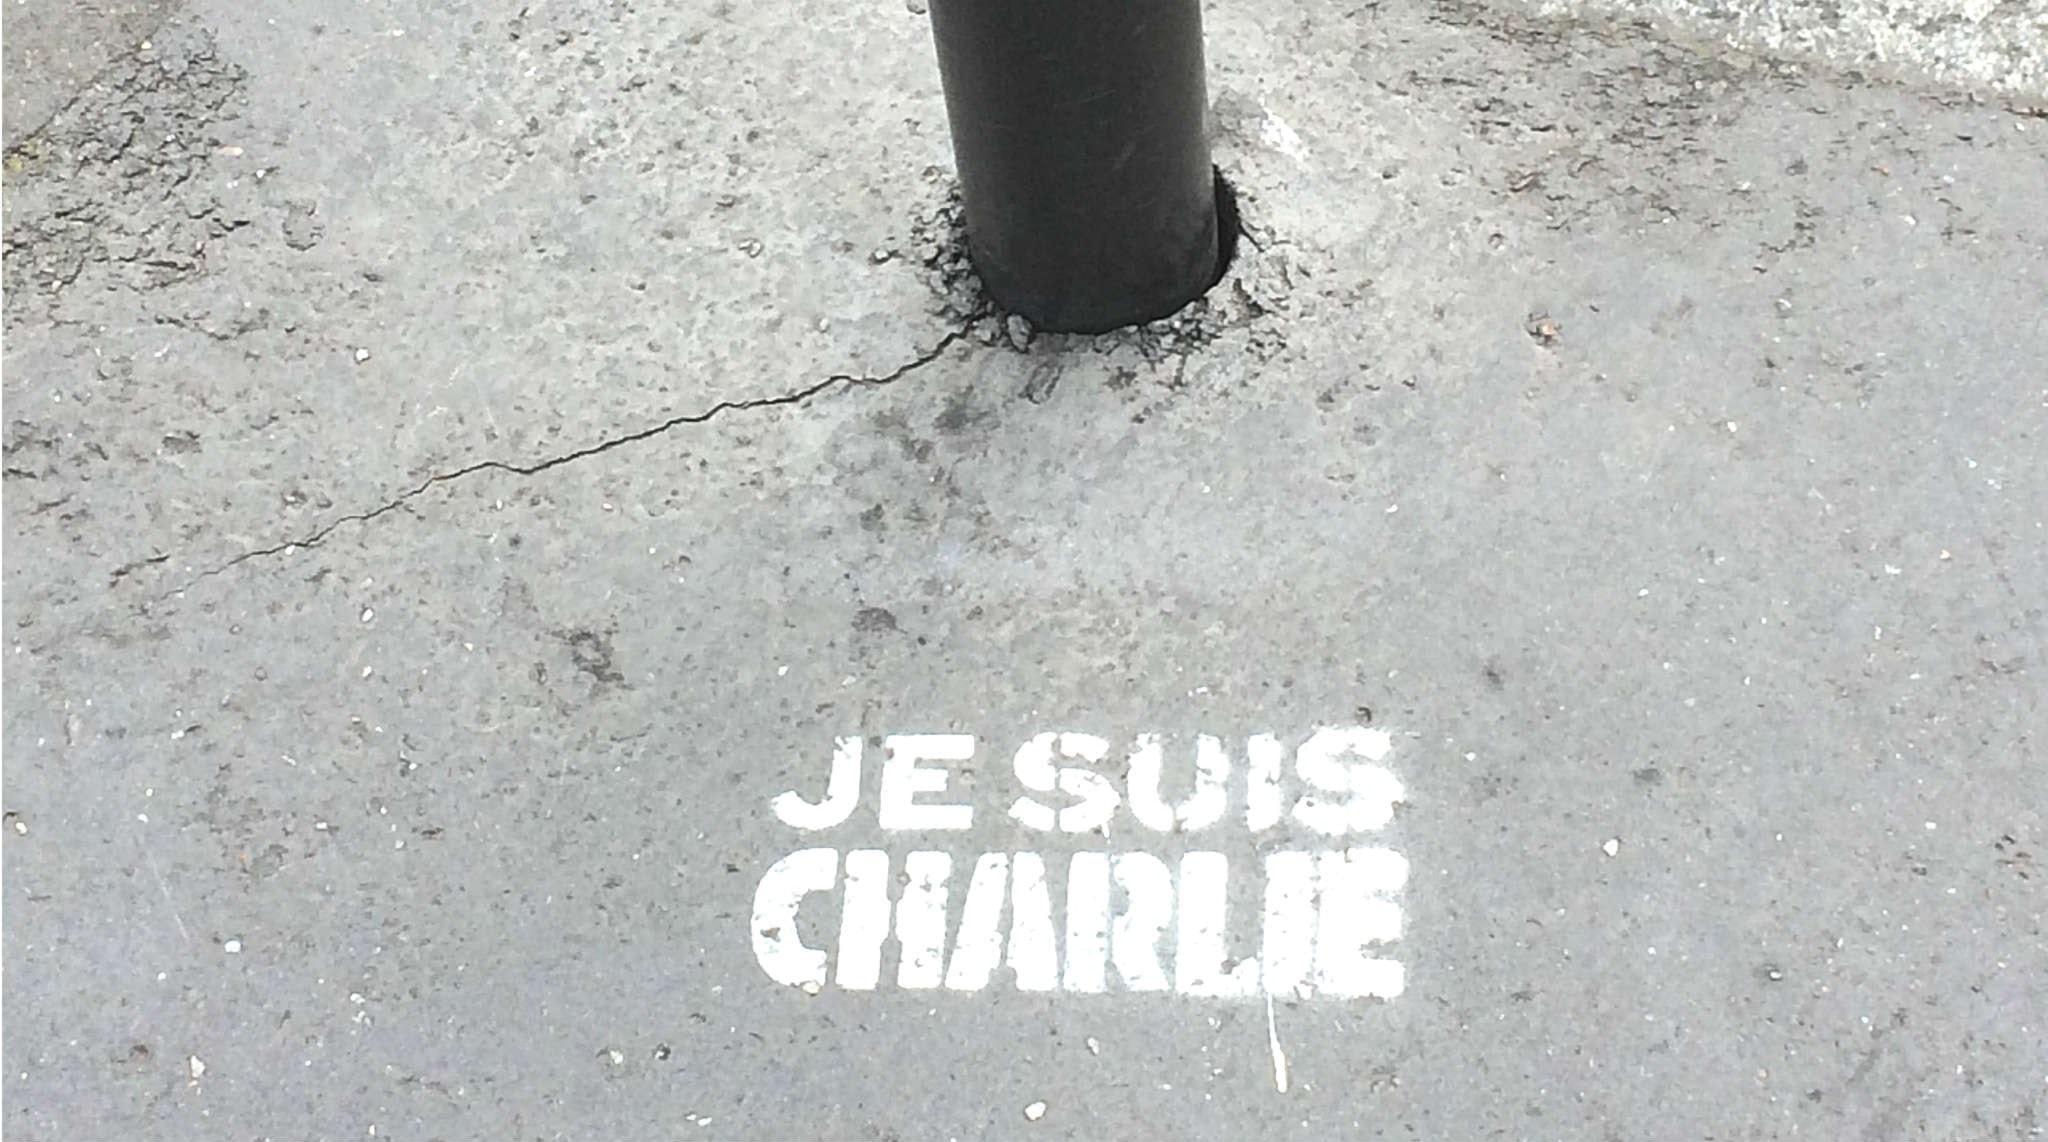 Efter Charlie Hebdo; Vad tänker du på?